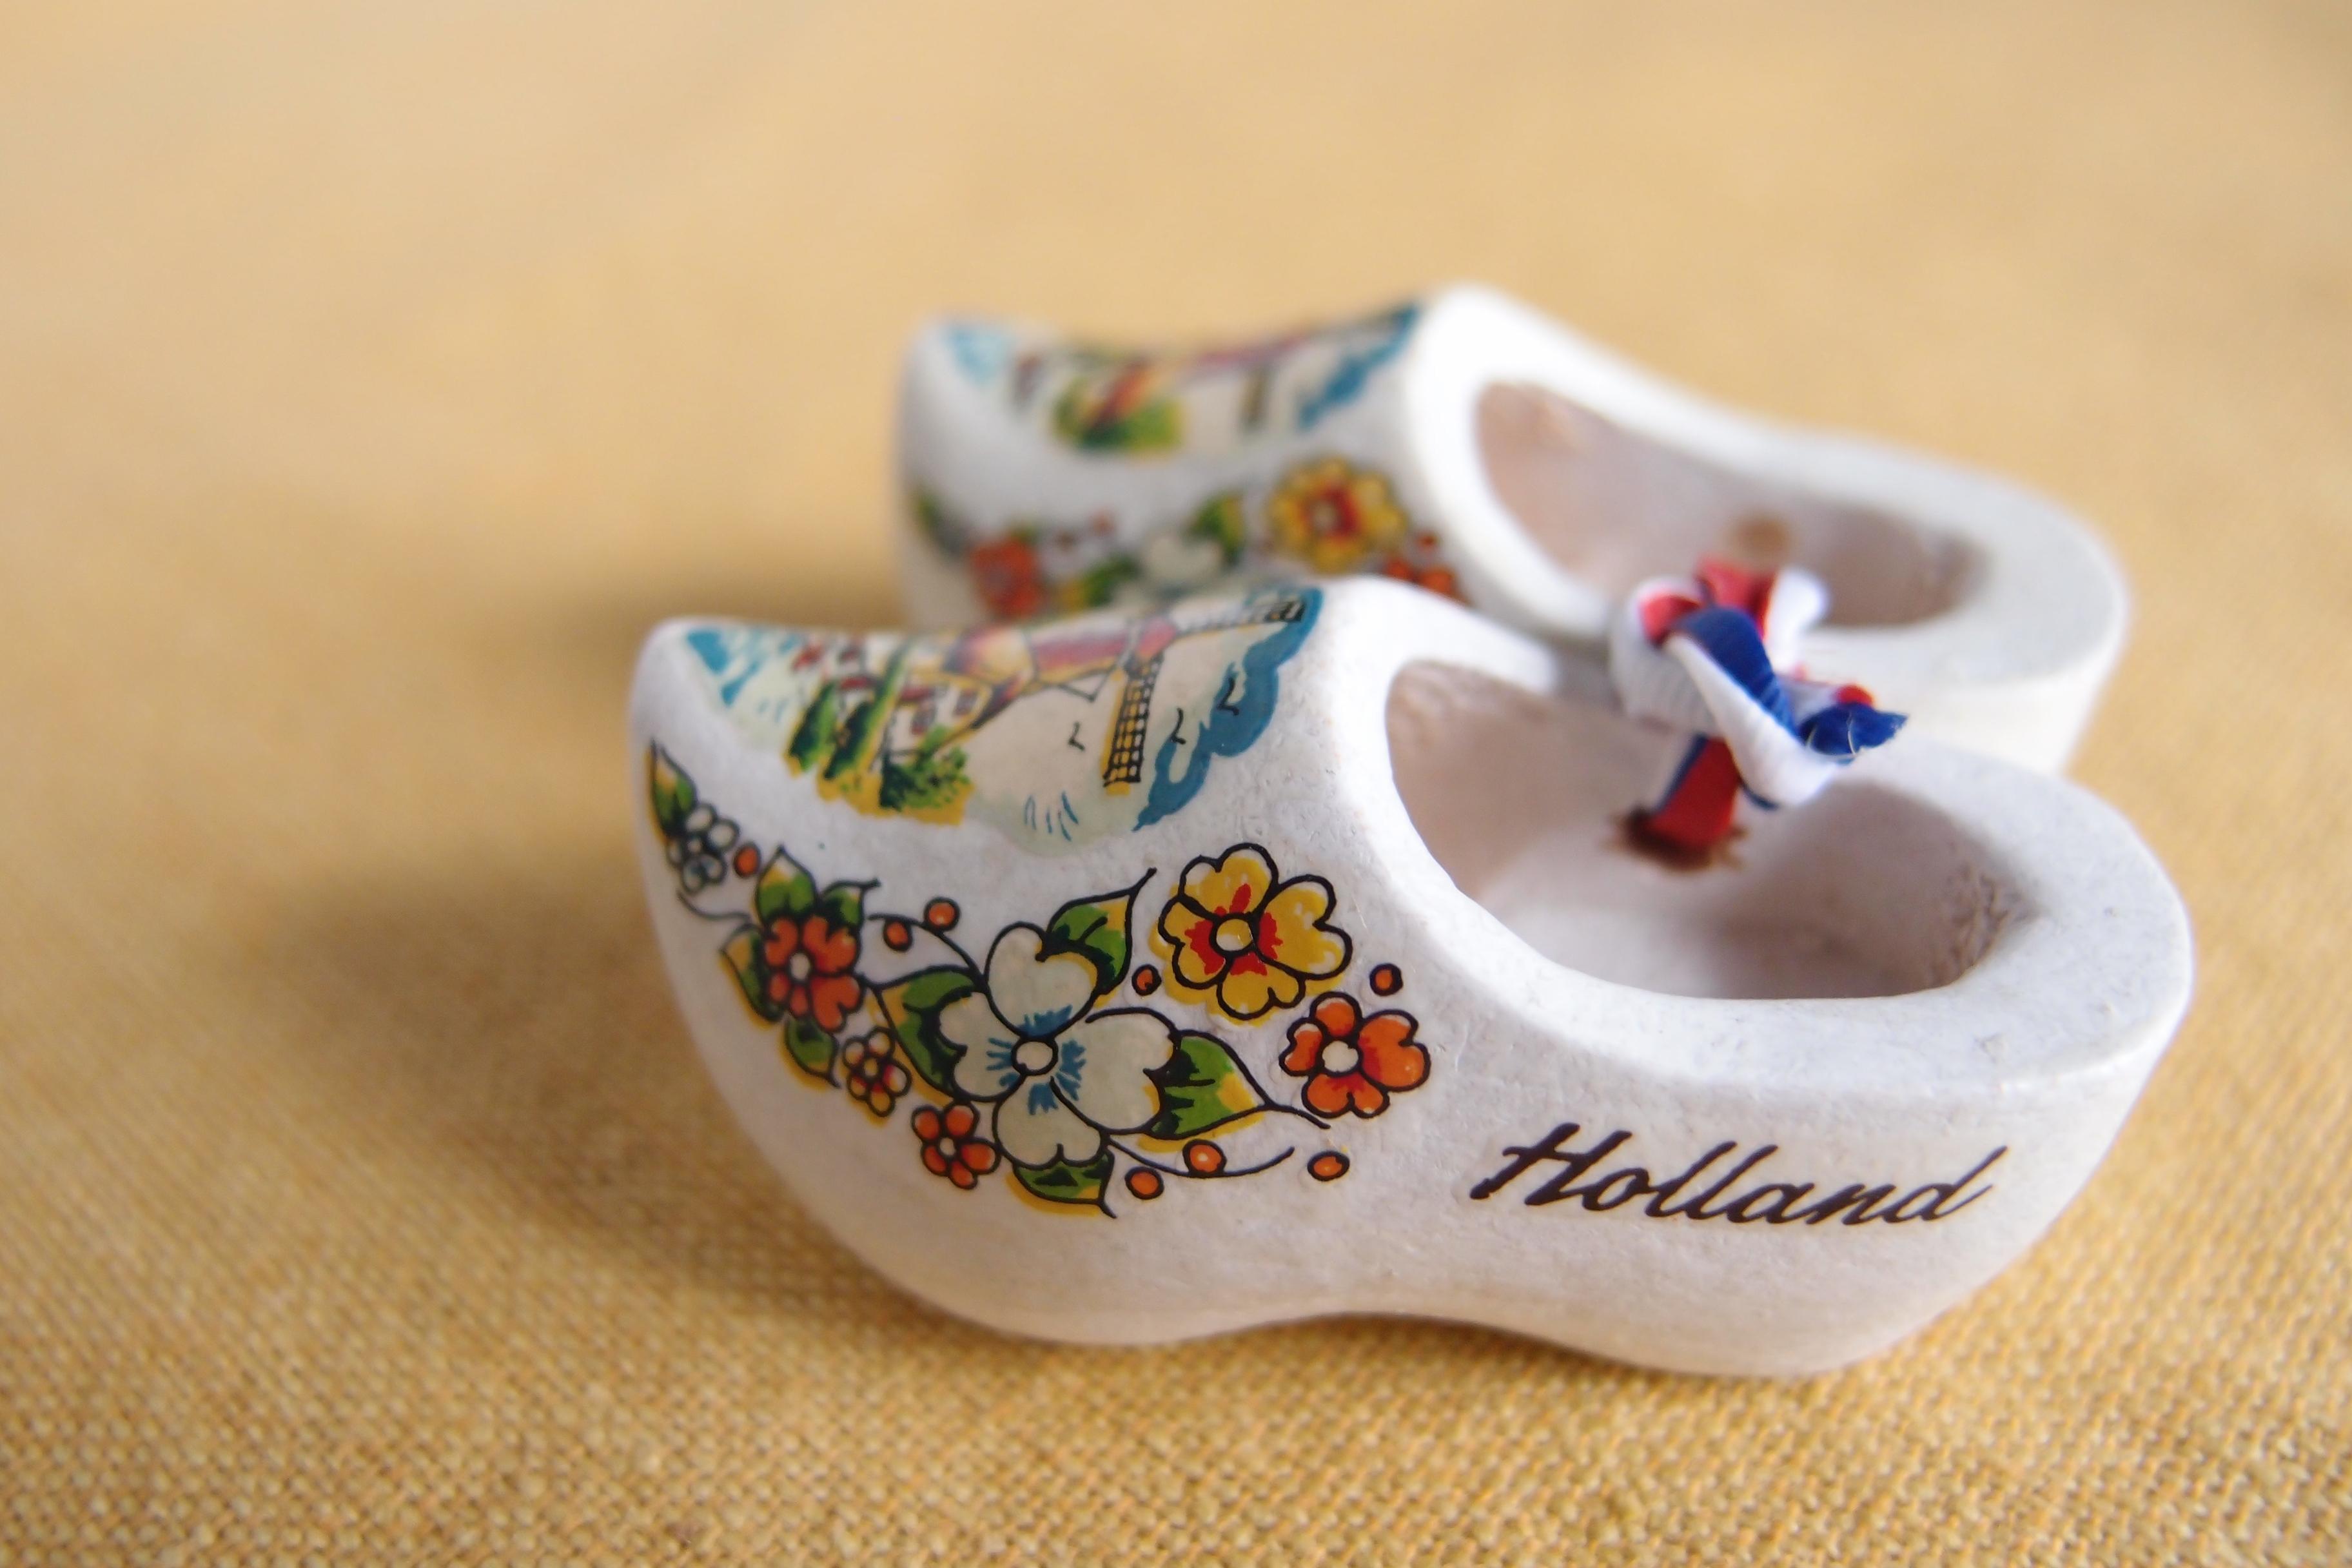 オランダのお土産(工芸品?) 木ぐつと、陶器製の靴